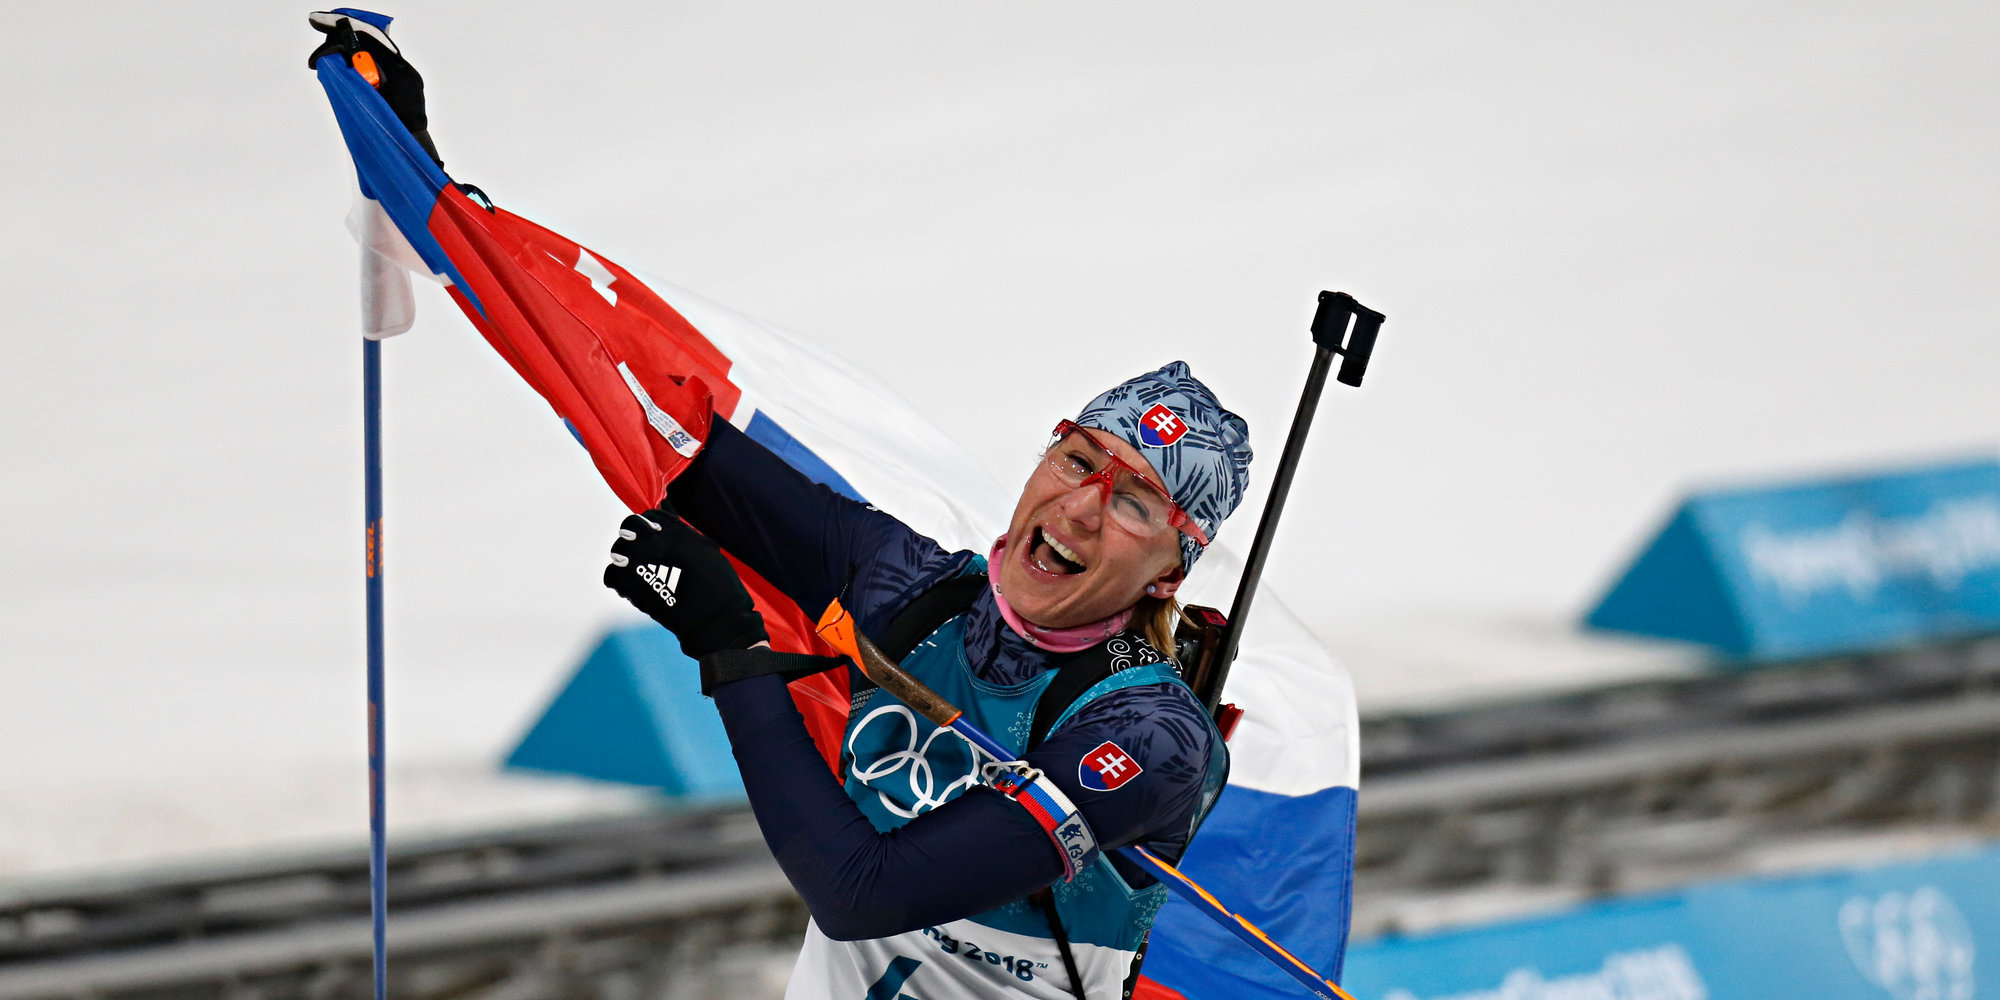 Дарья Домрачева выиграла гонку преследования наэтапе Кубка мира вХолменколлене